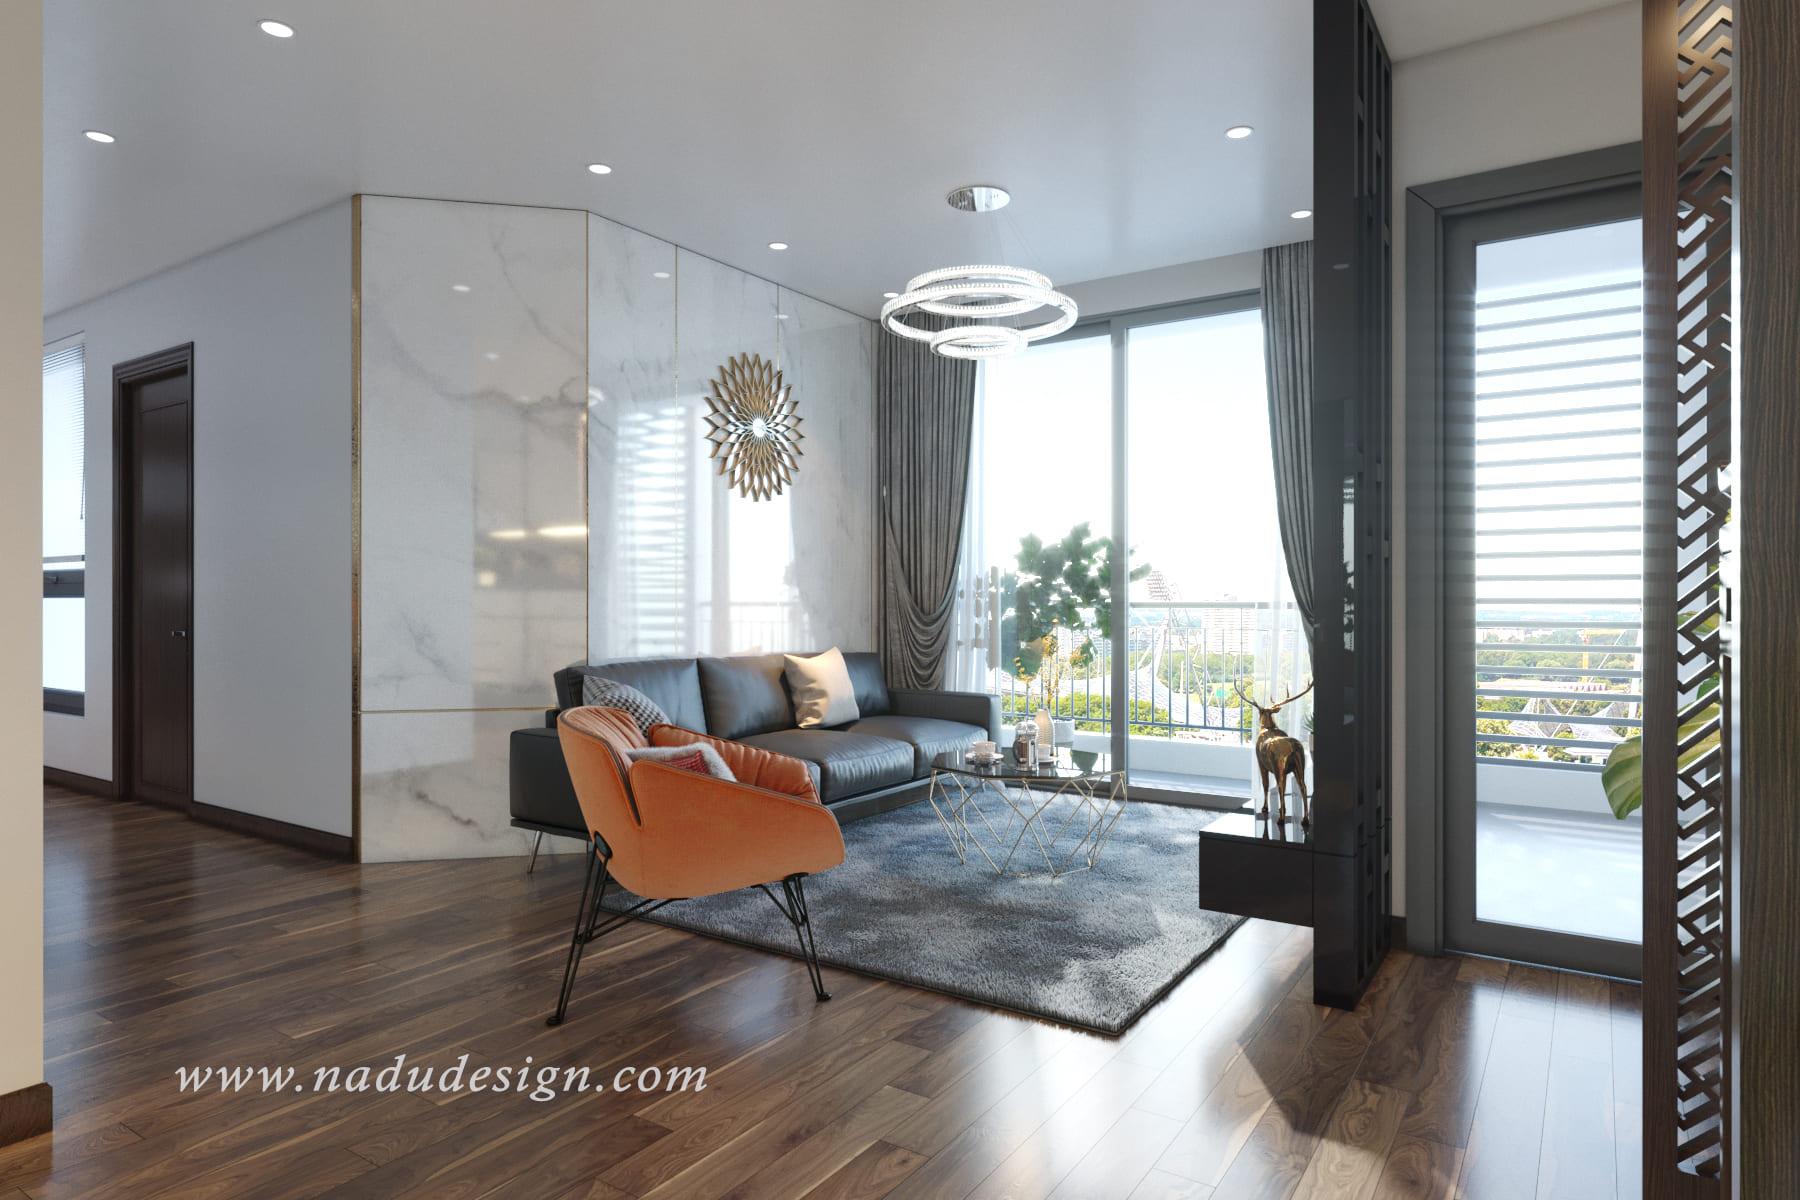 thiết kế nội thất chung cư đẹp - phòng khách nhiều ánh sáng